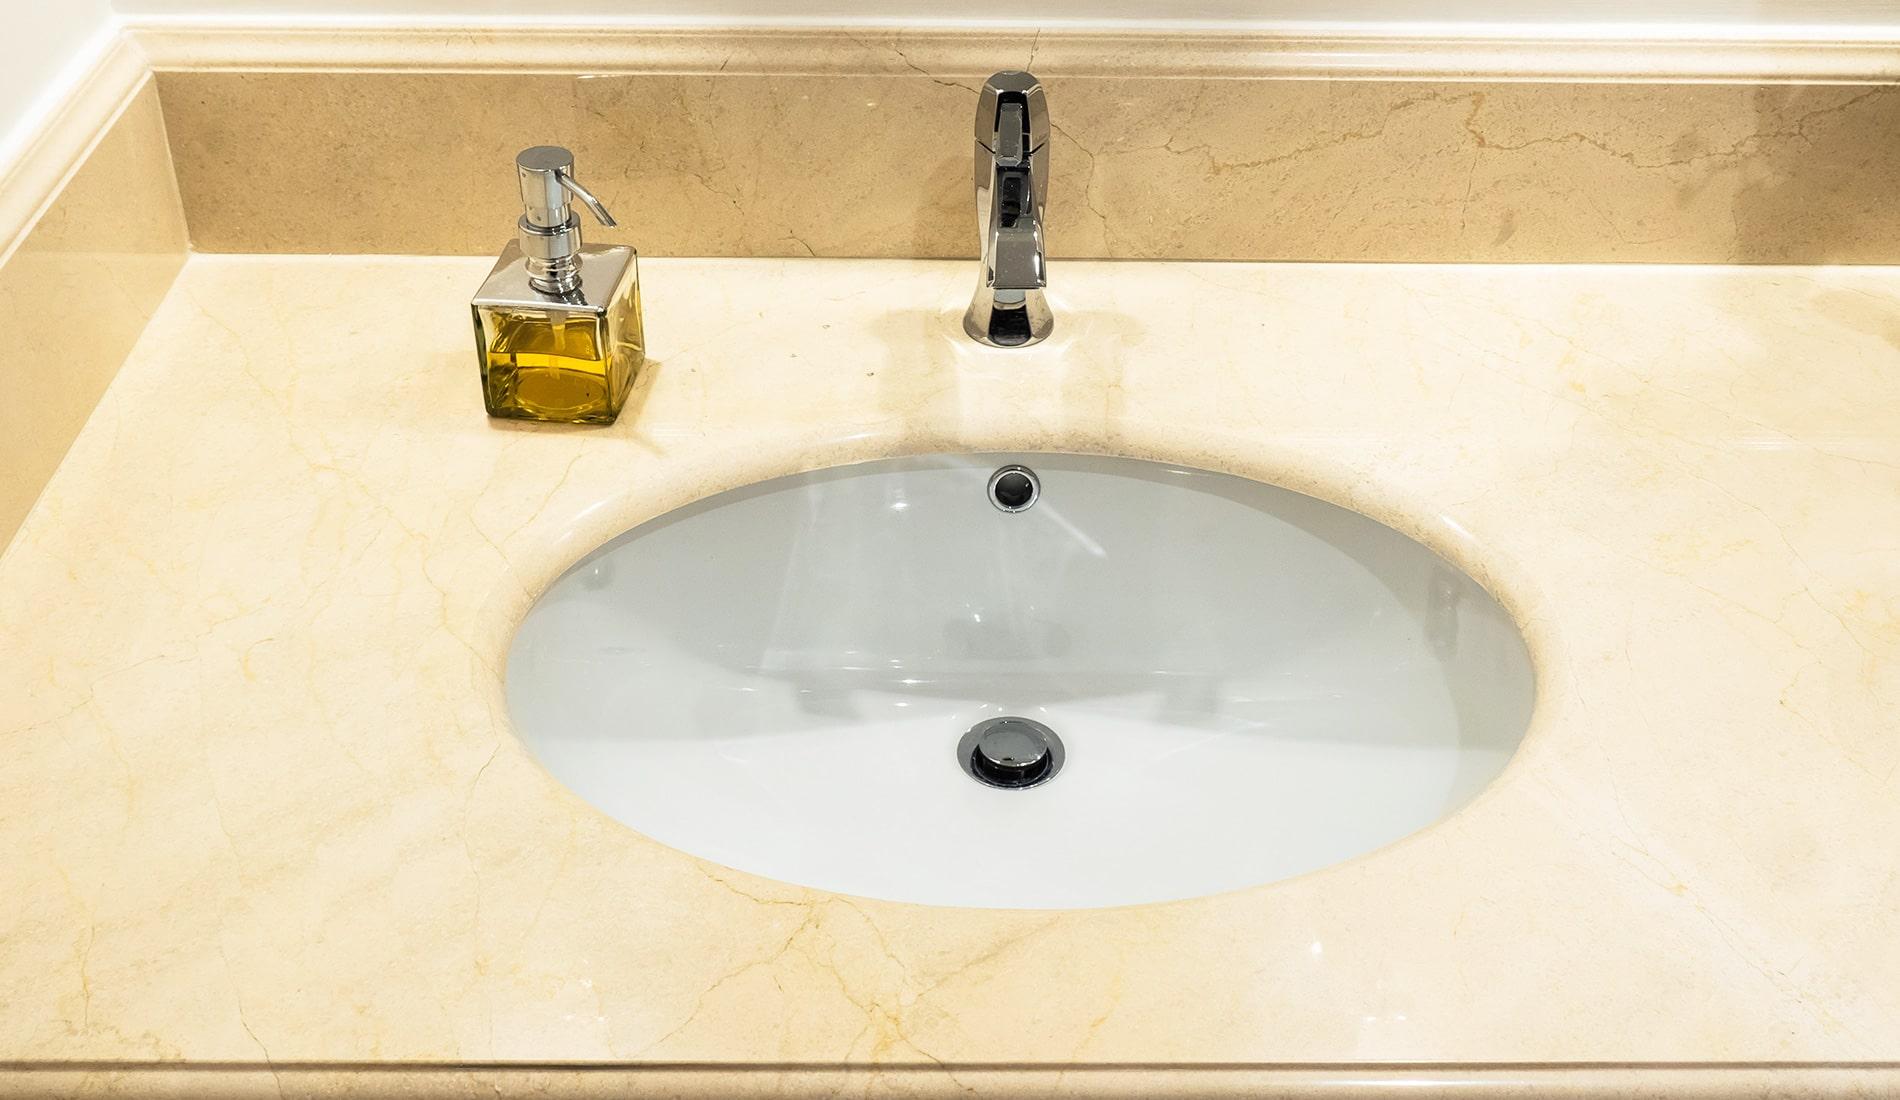 marmi-strada-bagni-in-marmo-naturale-lavelli-vasche-docce-rivestimenti-11